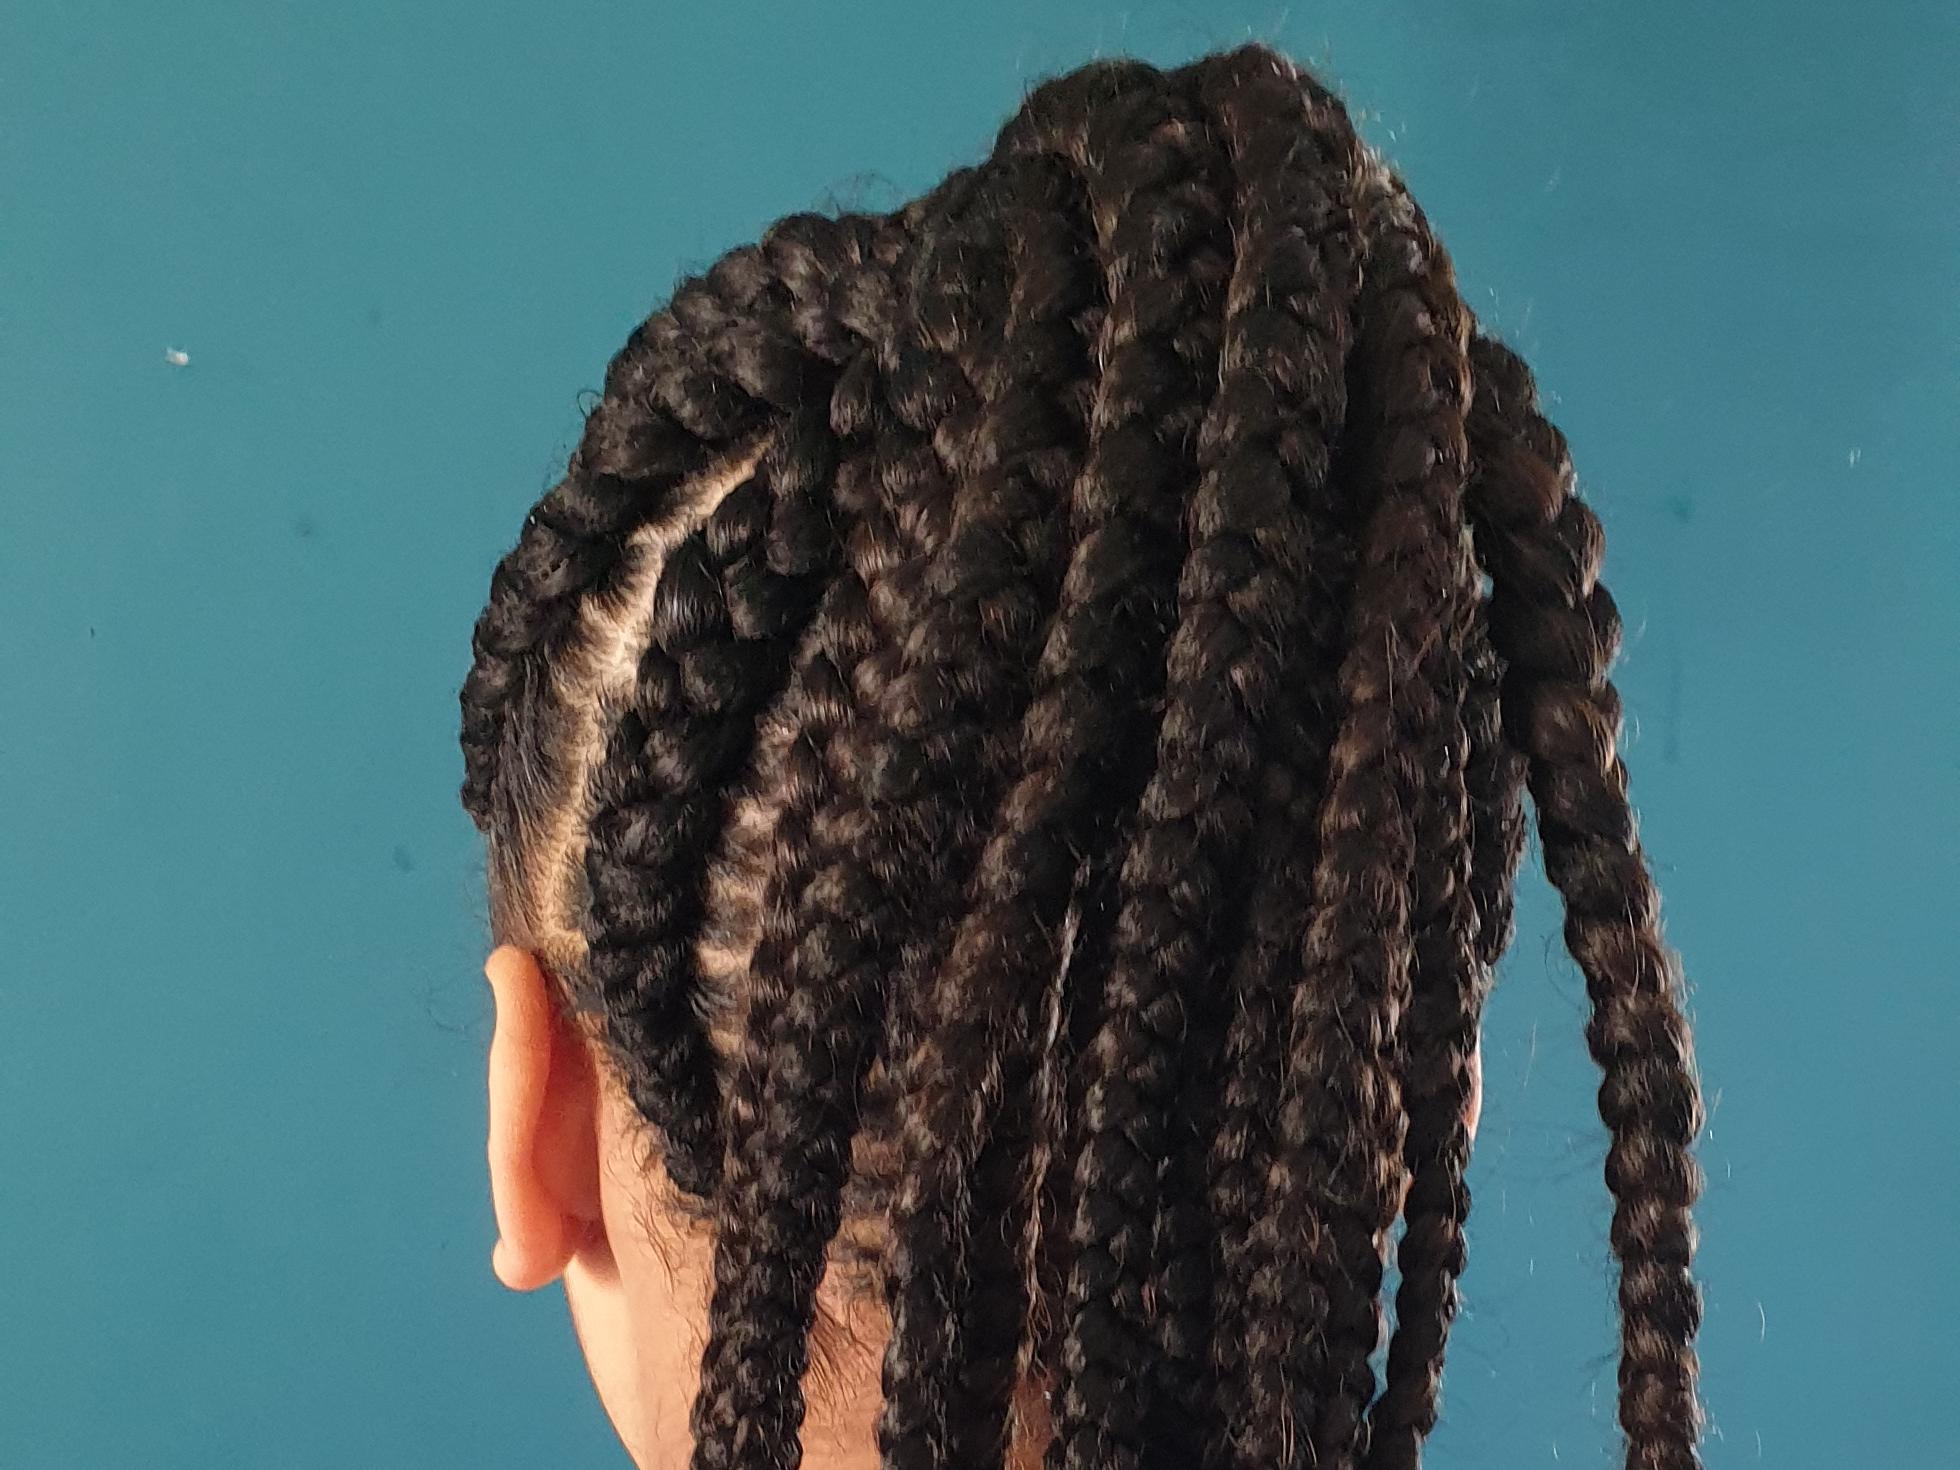 salon de coiffure afro tresse tresses box braids crochet braids vanilles tissages paris 75 77 78 91 92 93 94 95 SQKHLMYA